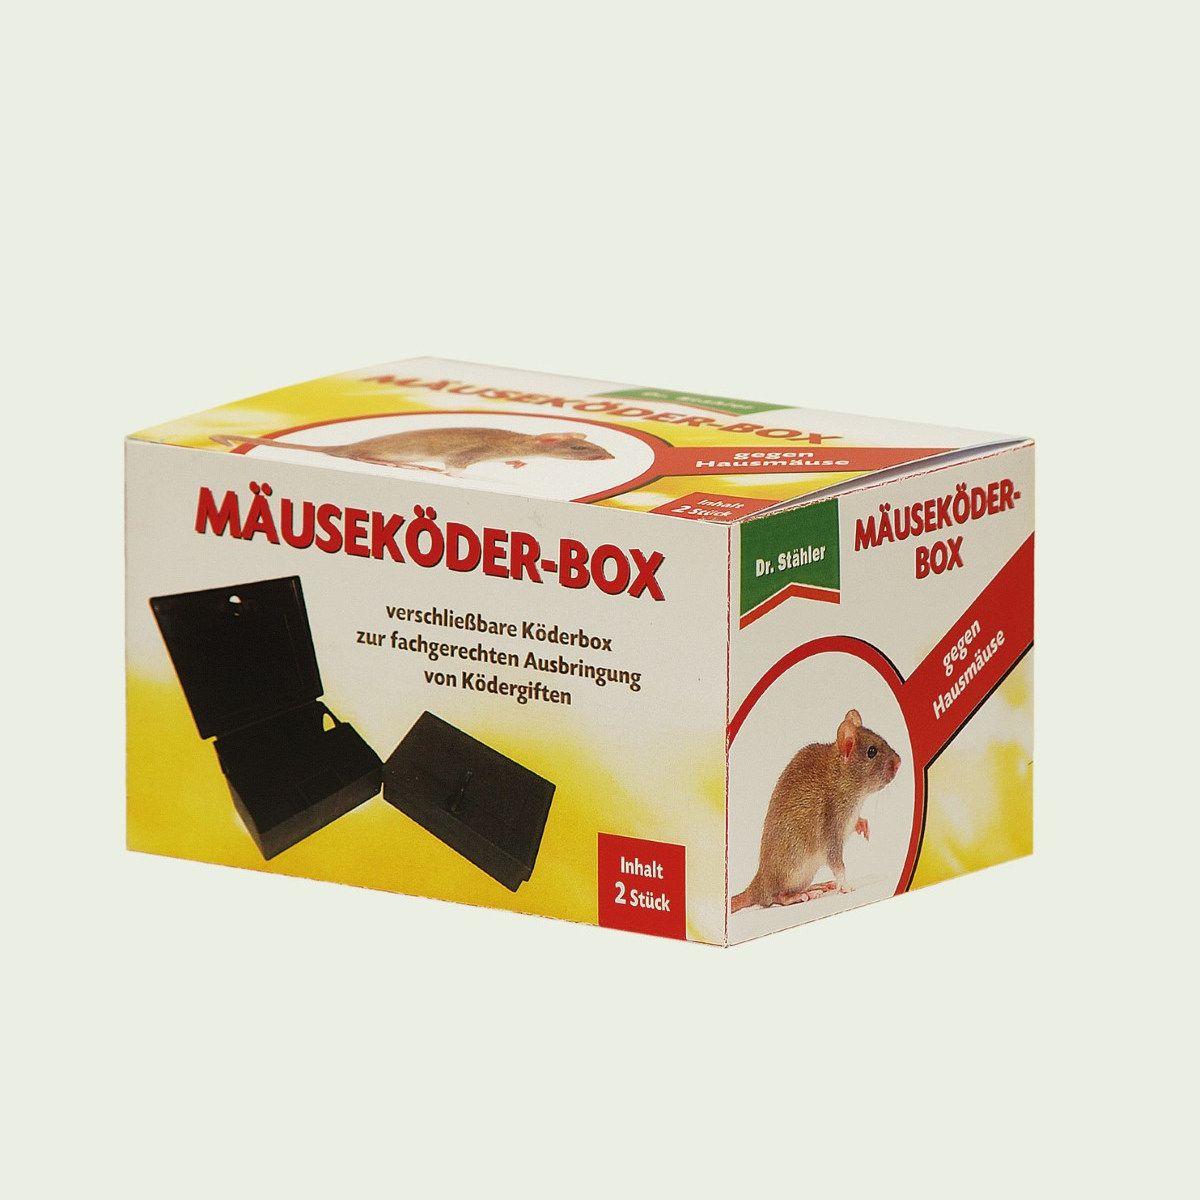 Dr. Stähler Ratzia Mäuseköder-Box